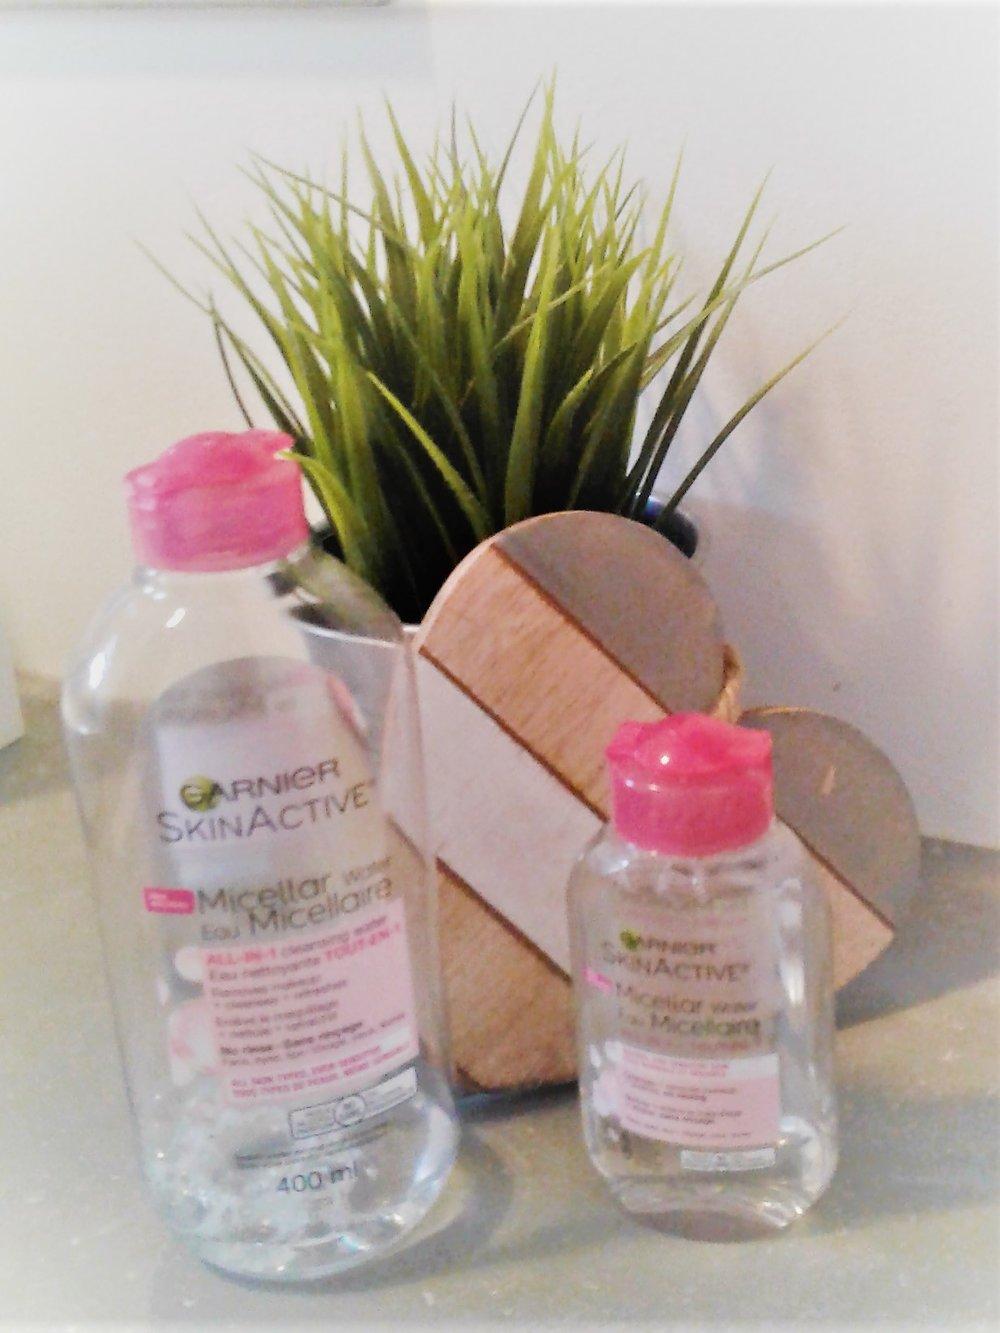 Eau micellaire de Garnier : eau nettoyante TOUT-EN-1- Enlève le maquillage, nettoie et rafraîchit- Sans rinçage- sans huile, sans alcool et sans parfum  Prix; environ 10.49$ pour 400 ml